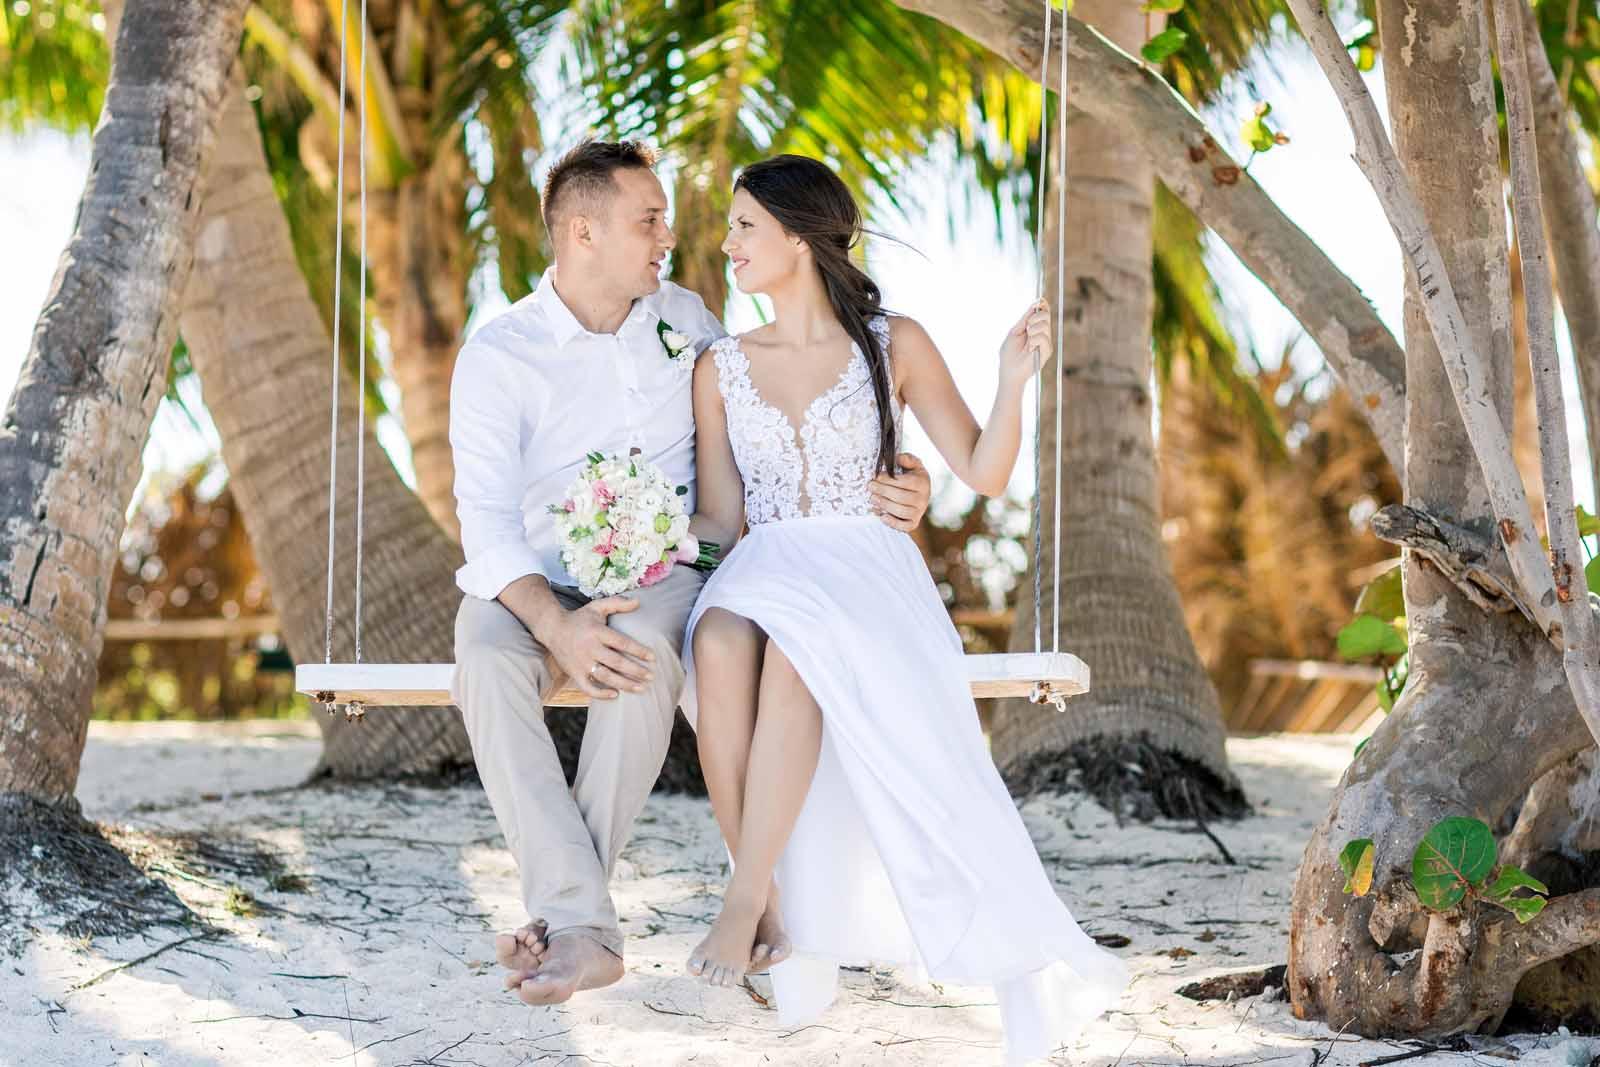 Dominikana ślub Na Plaży Zdjęcia